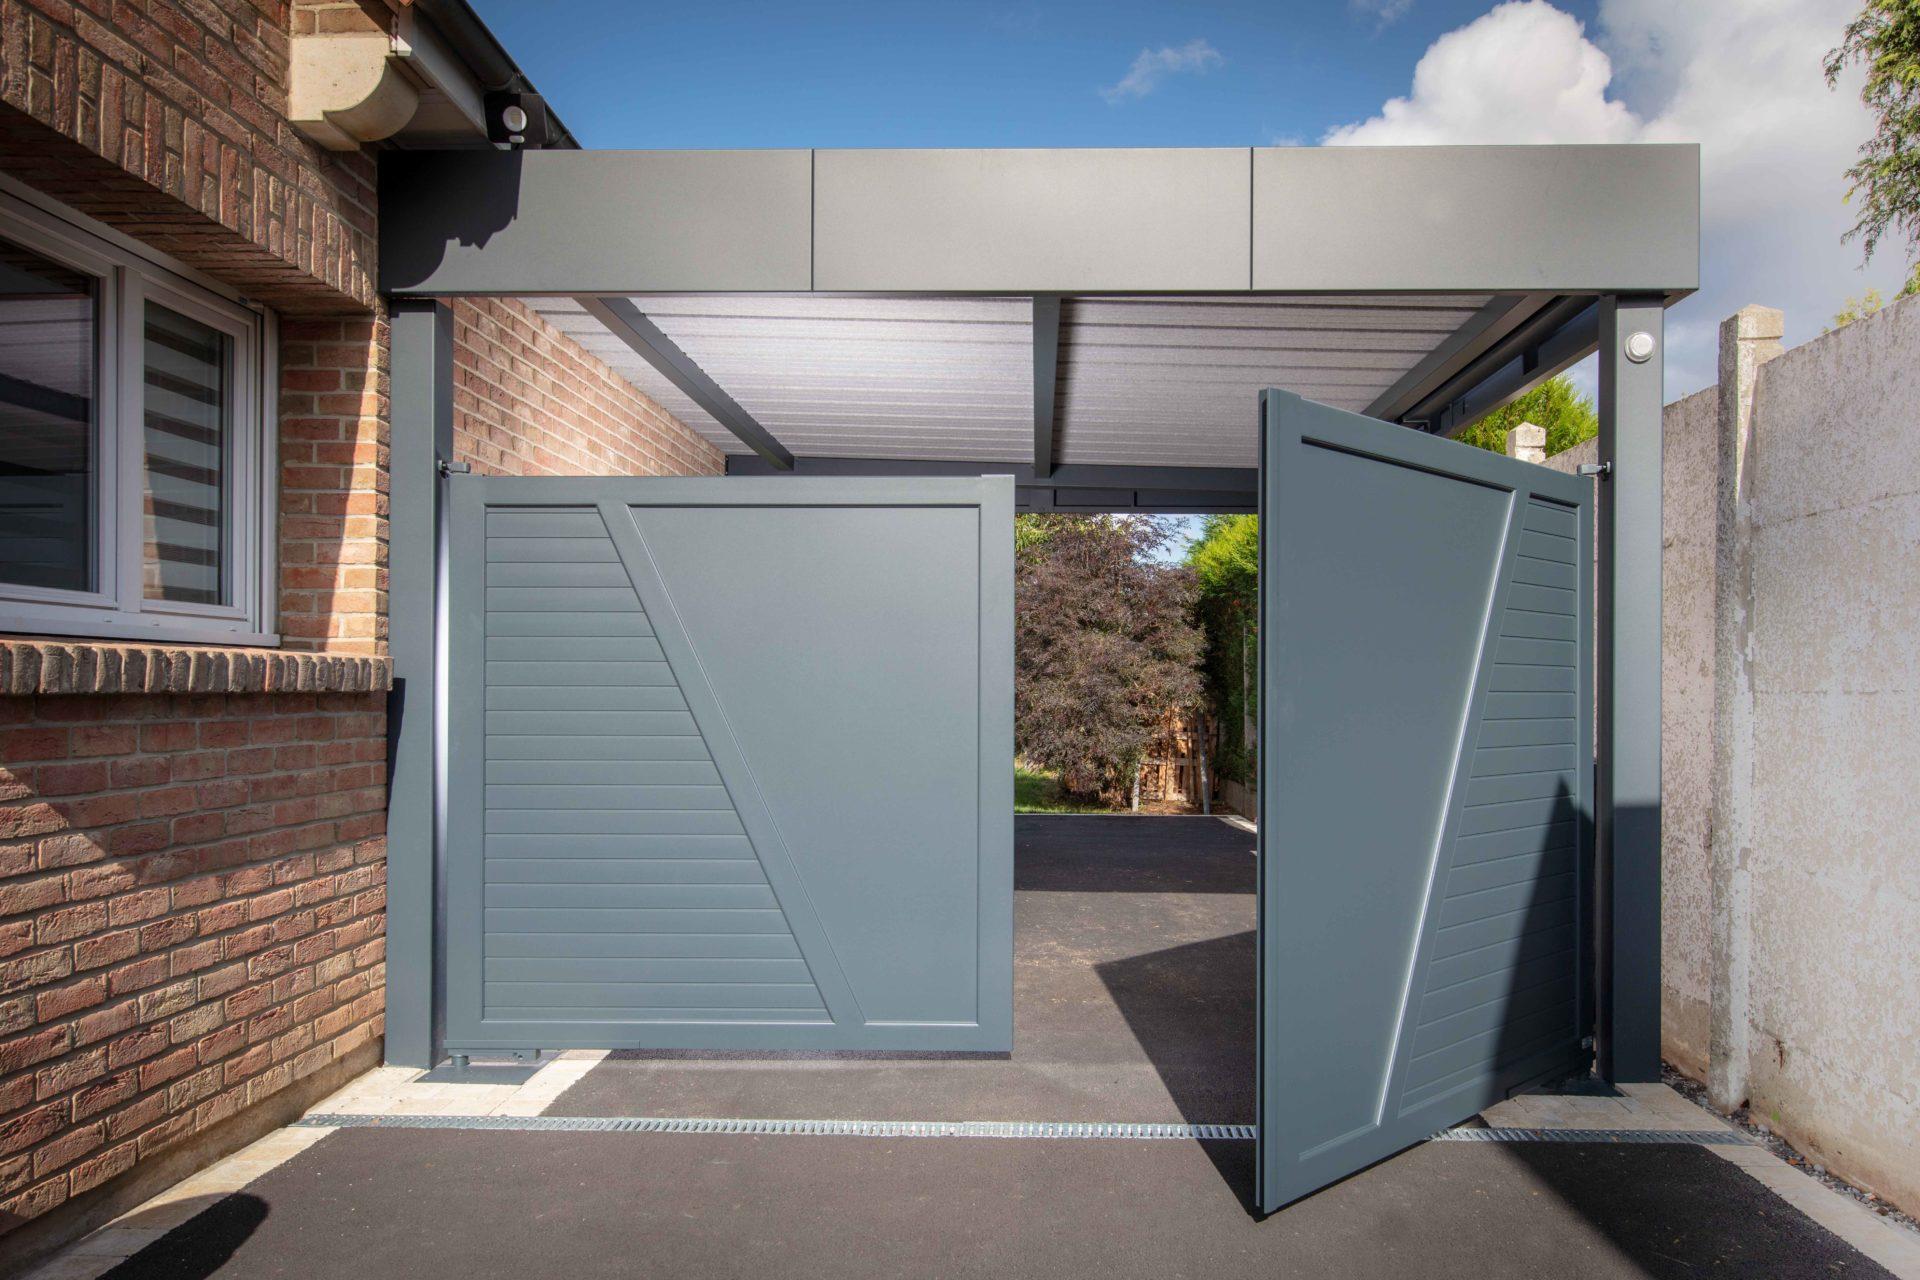 Carport aluminium Horizon adossé avec portail intégré sur le carport